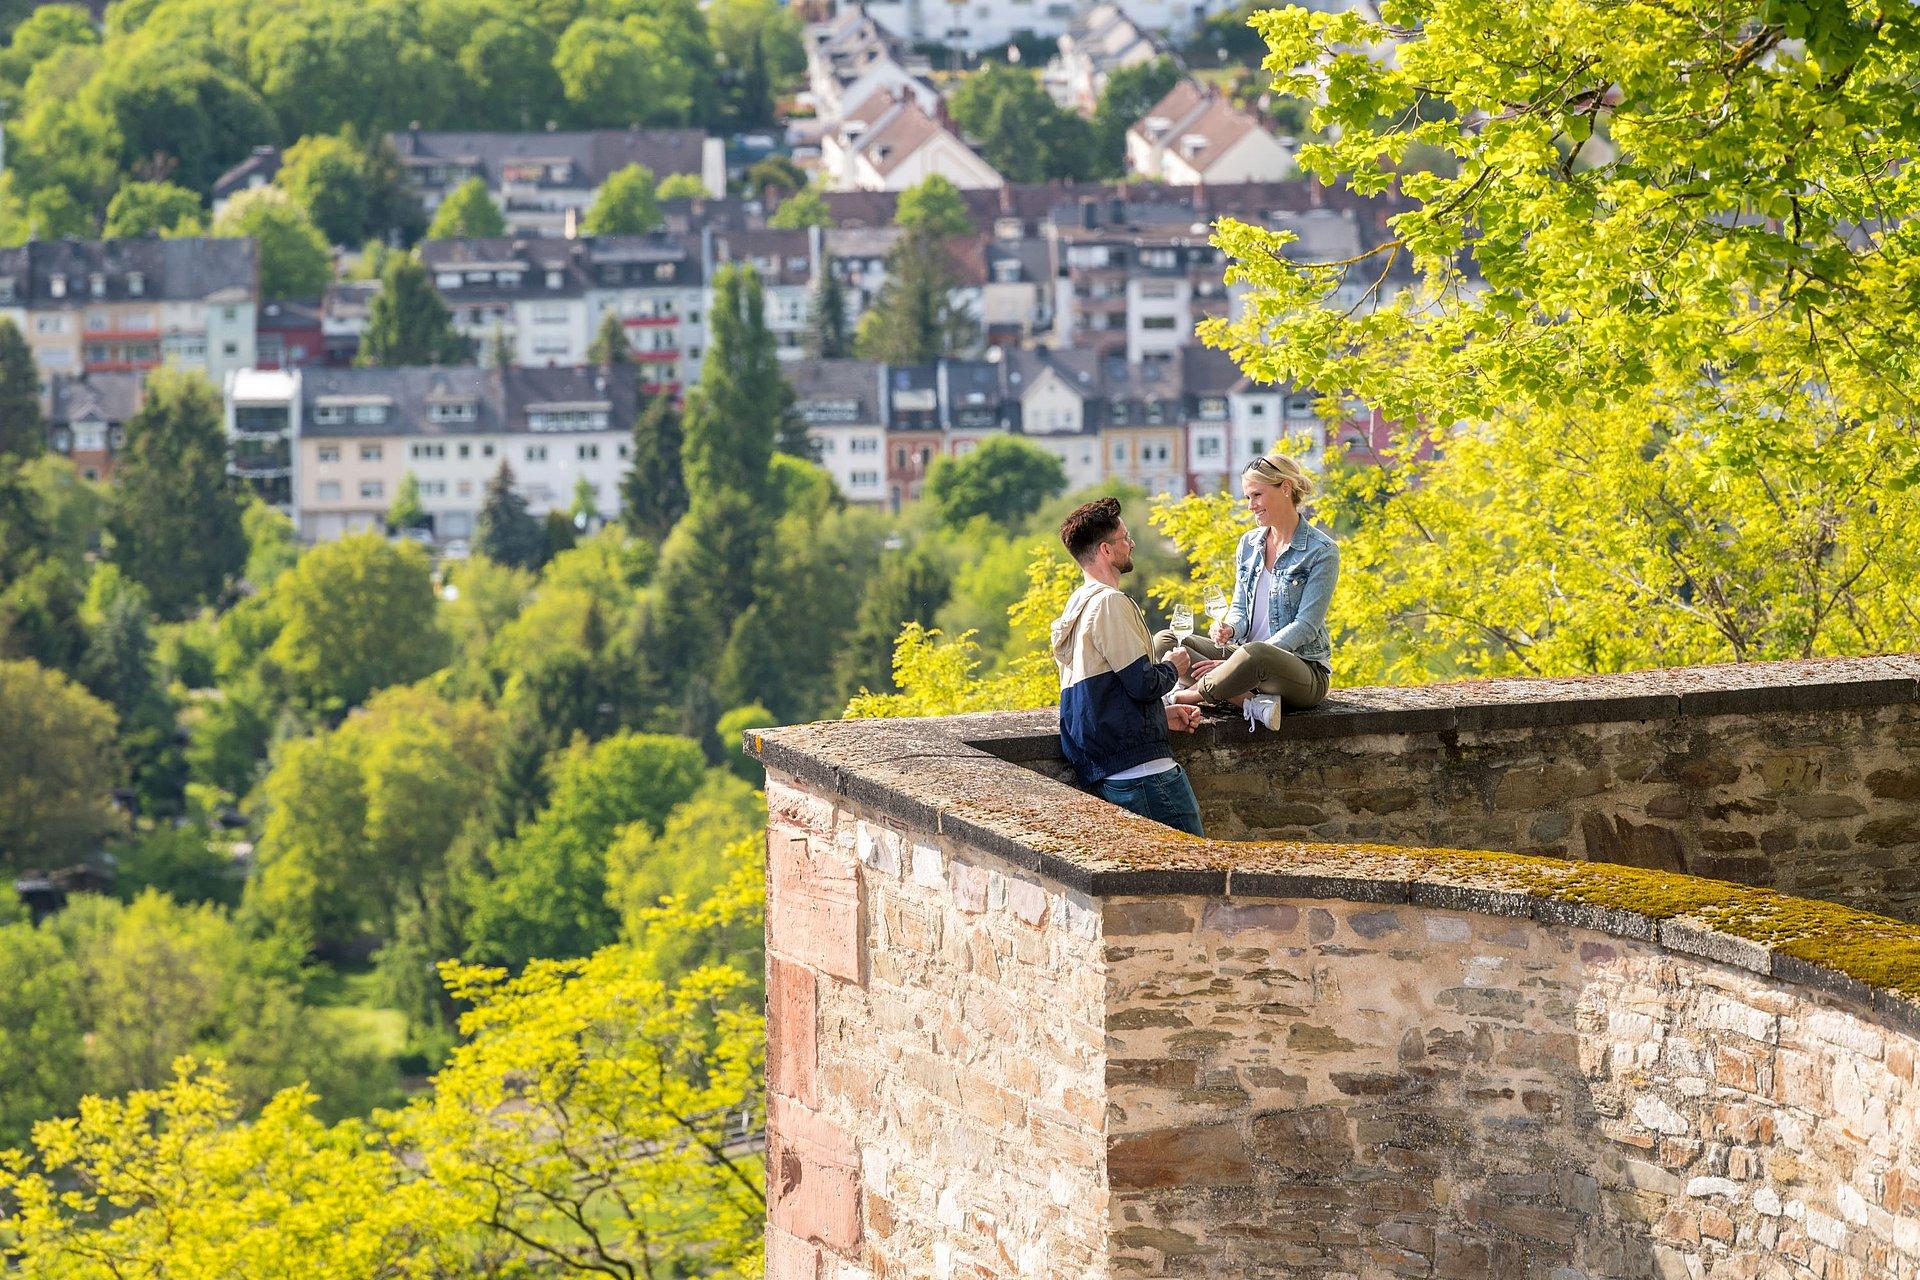 Ausblick von der Festung Ehrenbreitstein in Koblenz, Romantischer Rhein